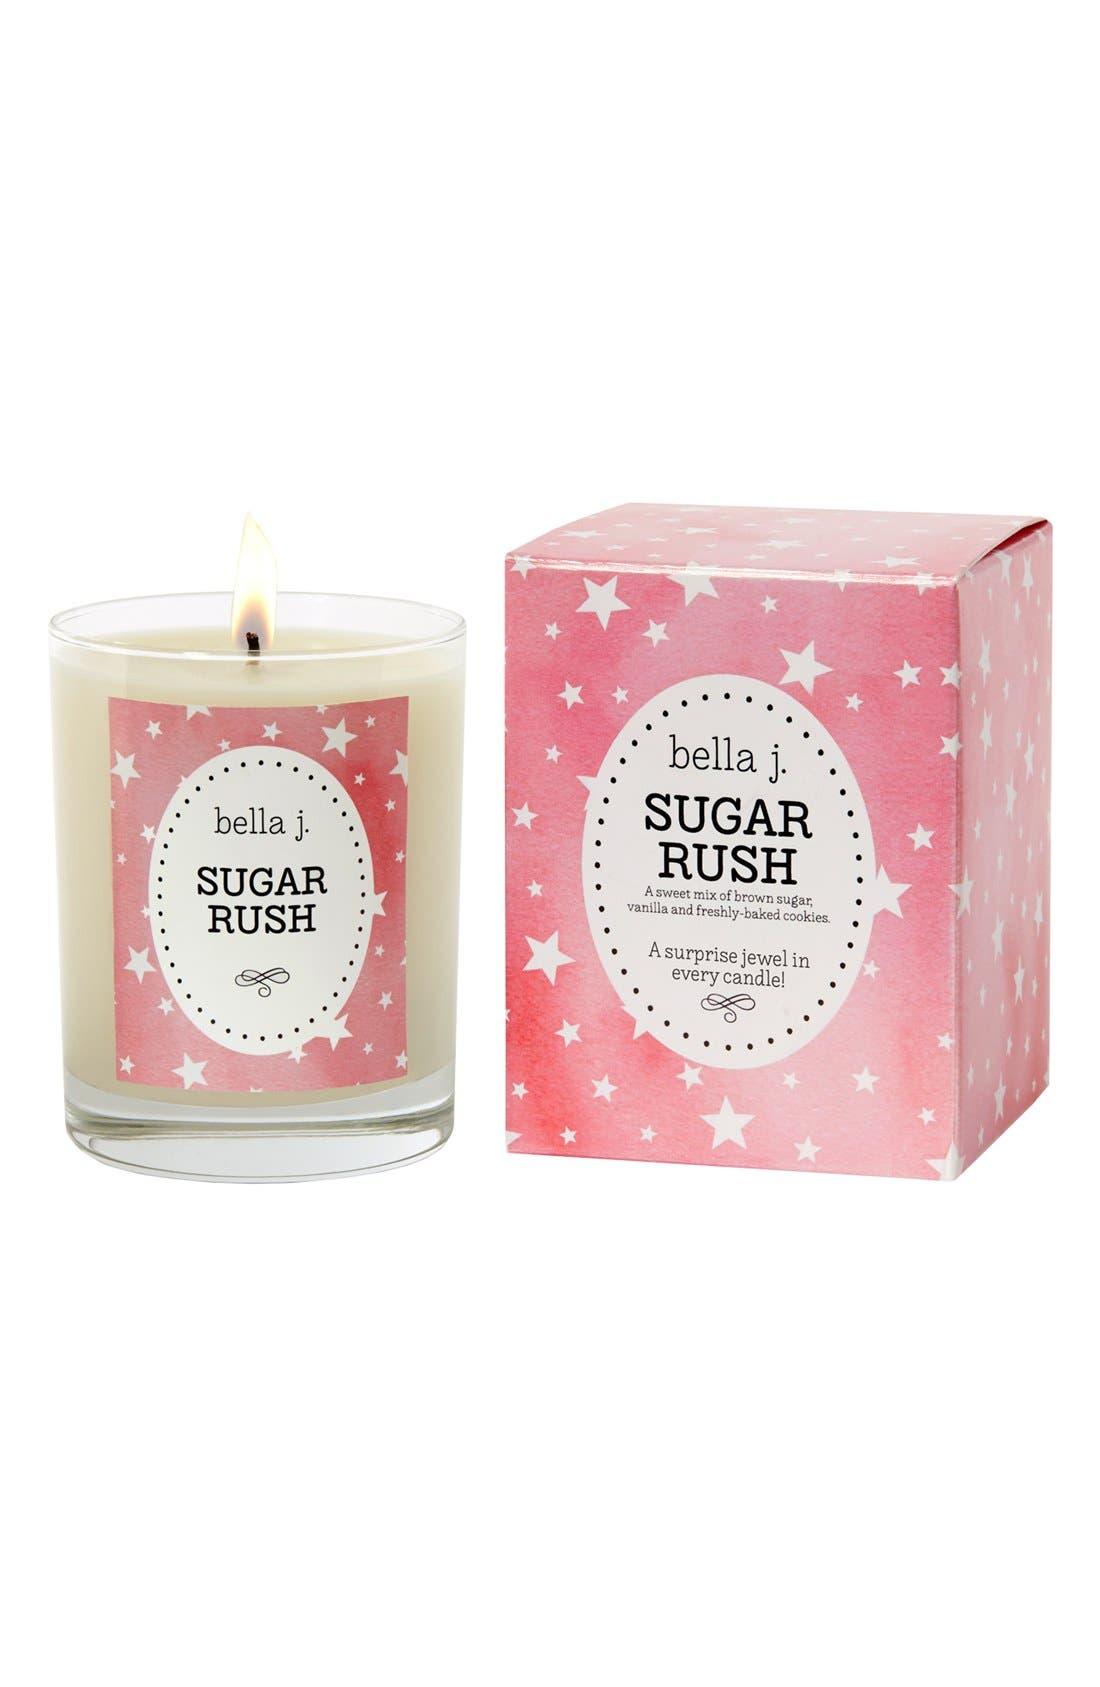 Alternate Image 1 Selected - bella j. 'Sugar Rush' Candle